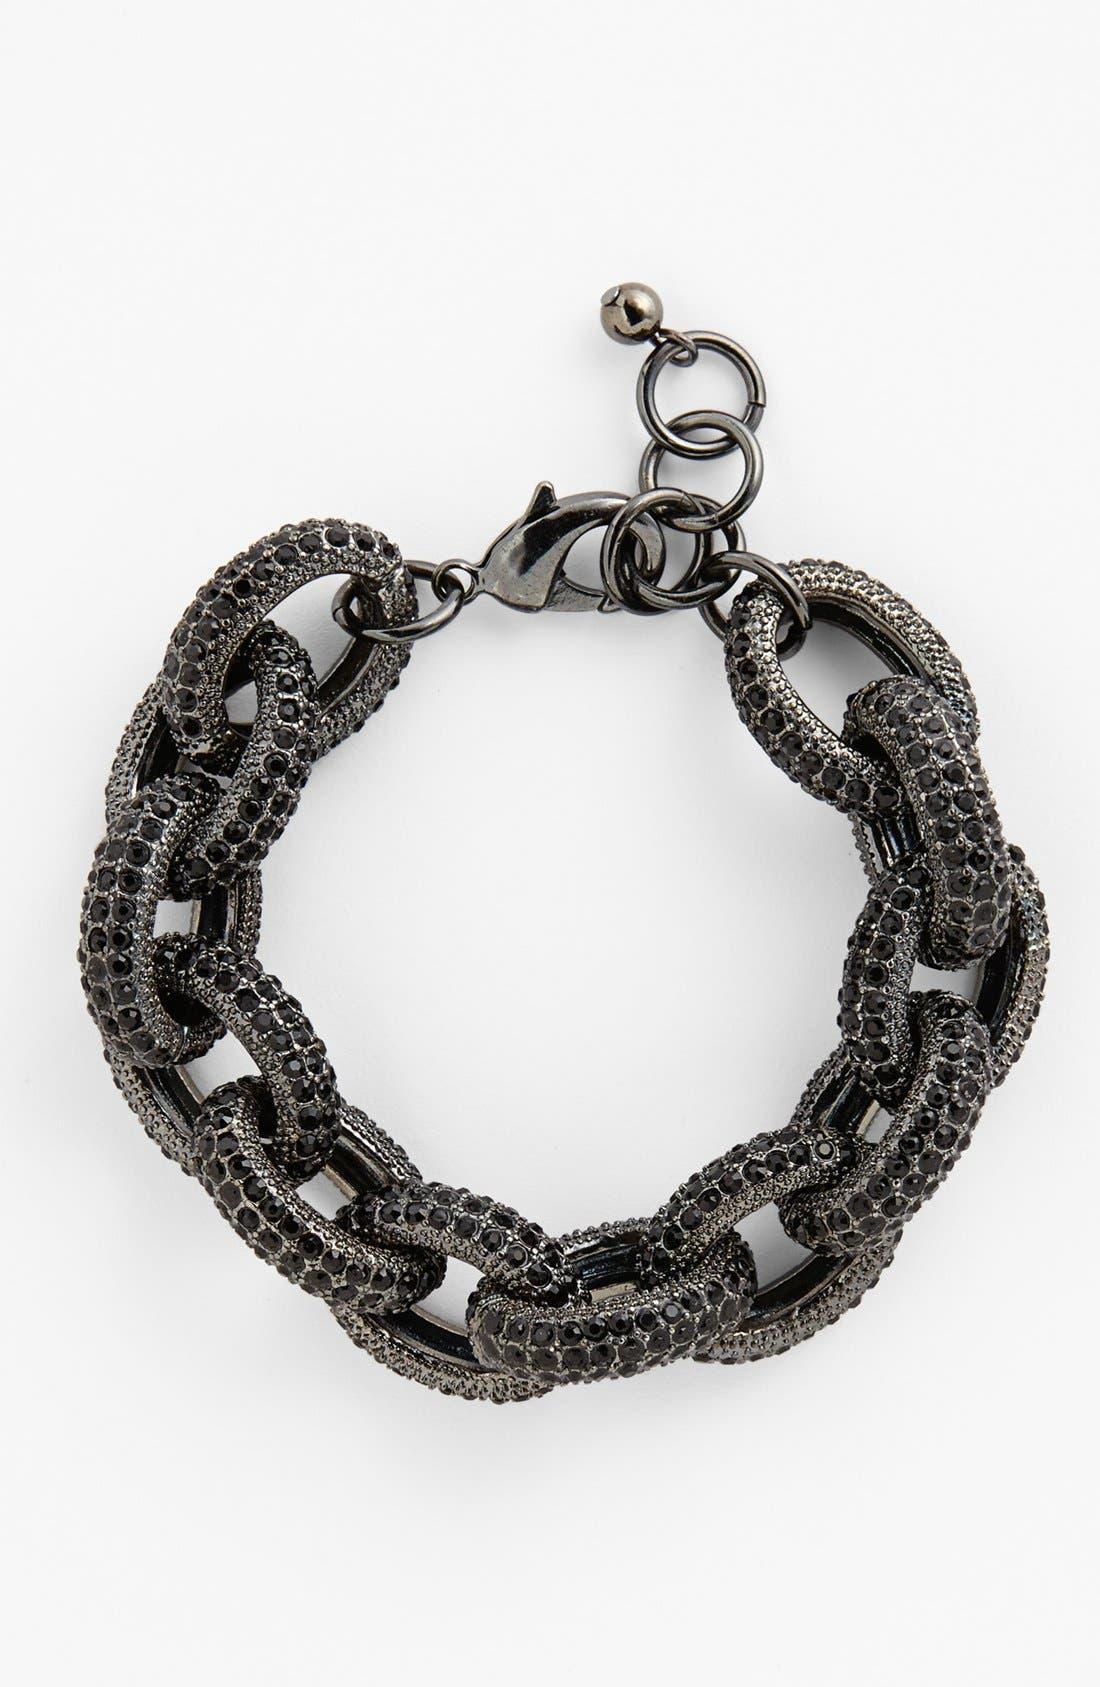 NORDSTROM, Pavé Link Bracelet, Main thumbnail 1, color, 001